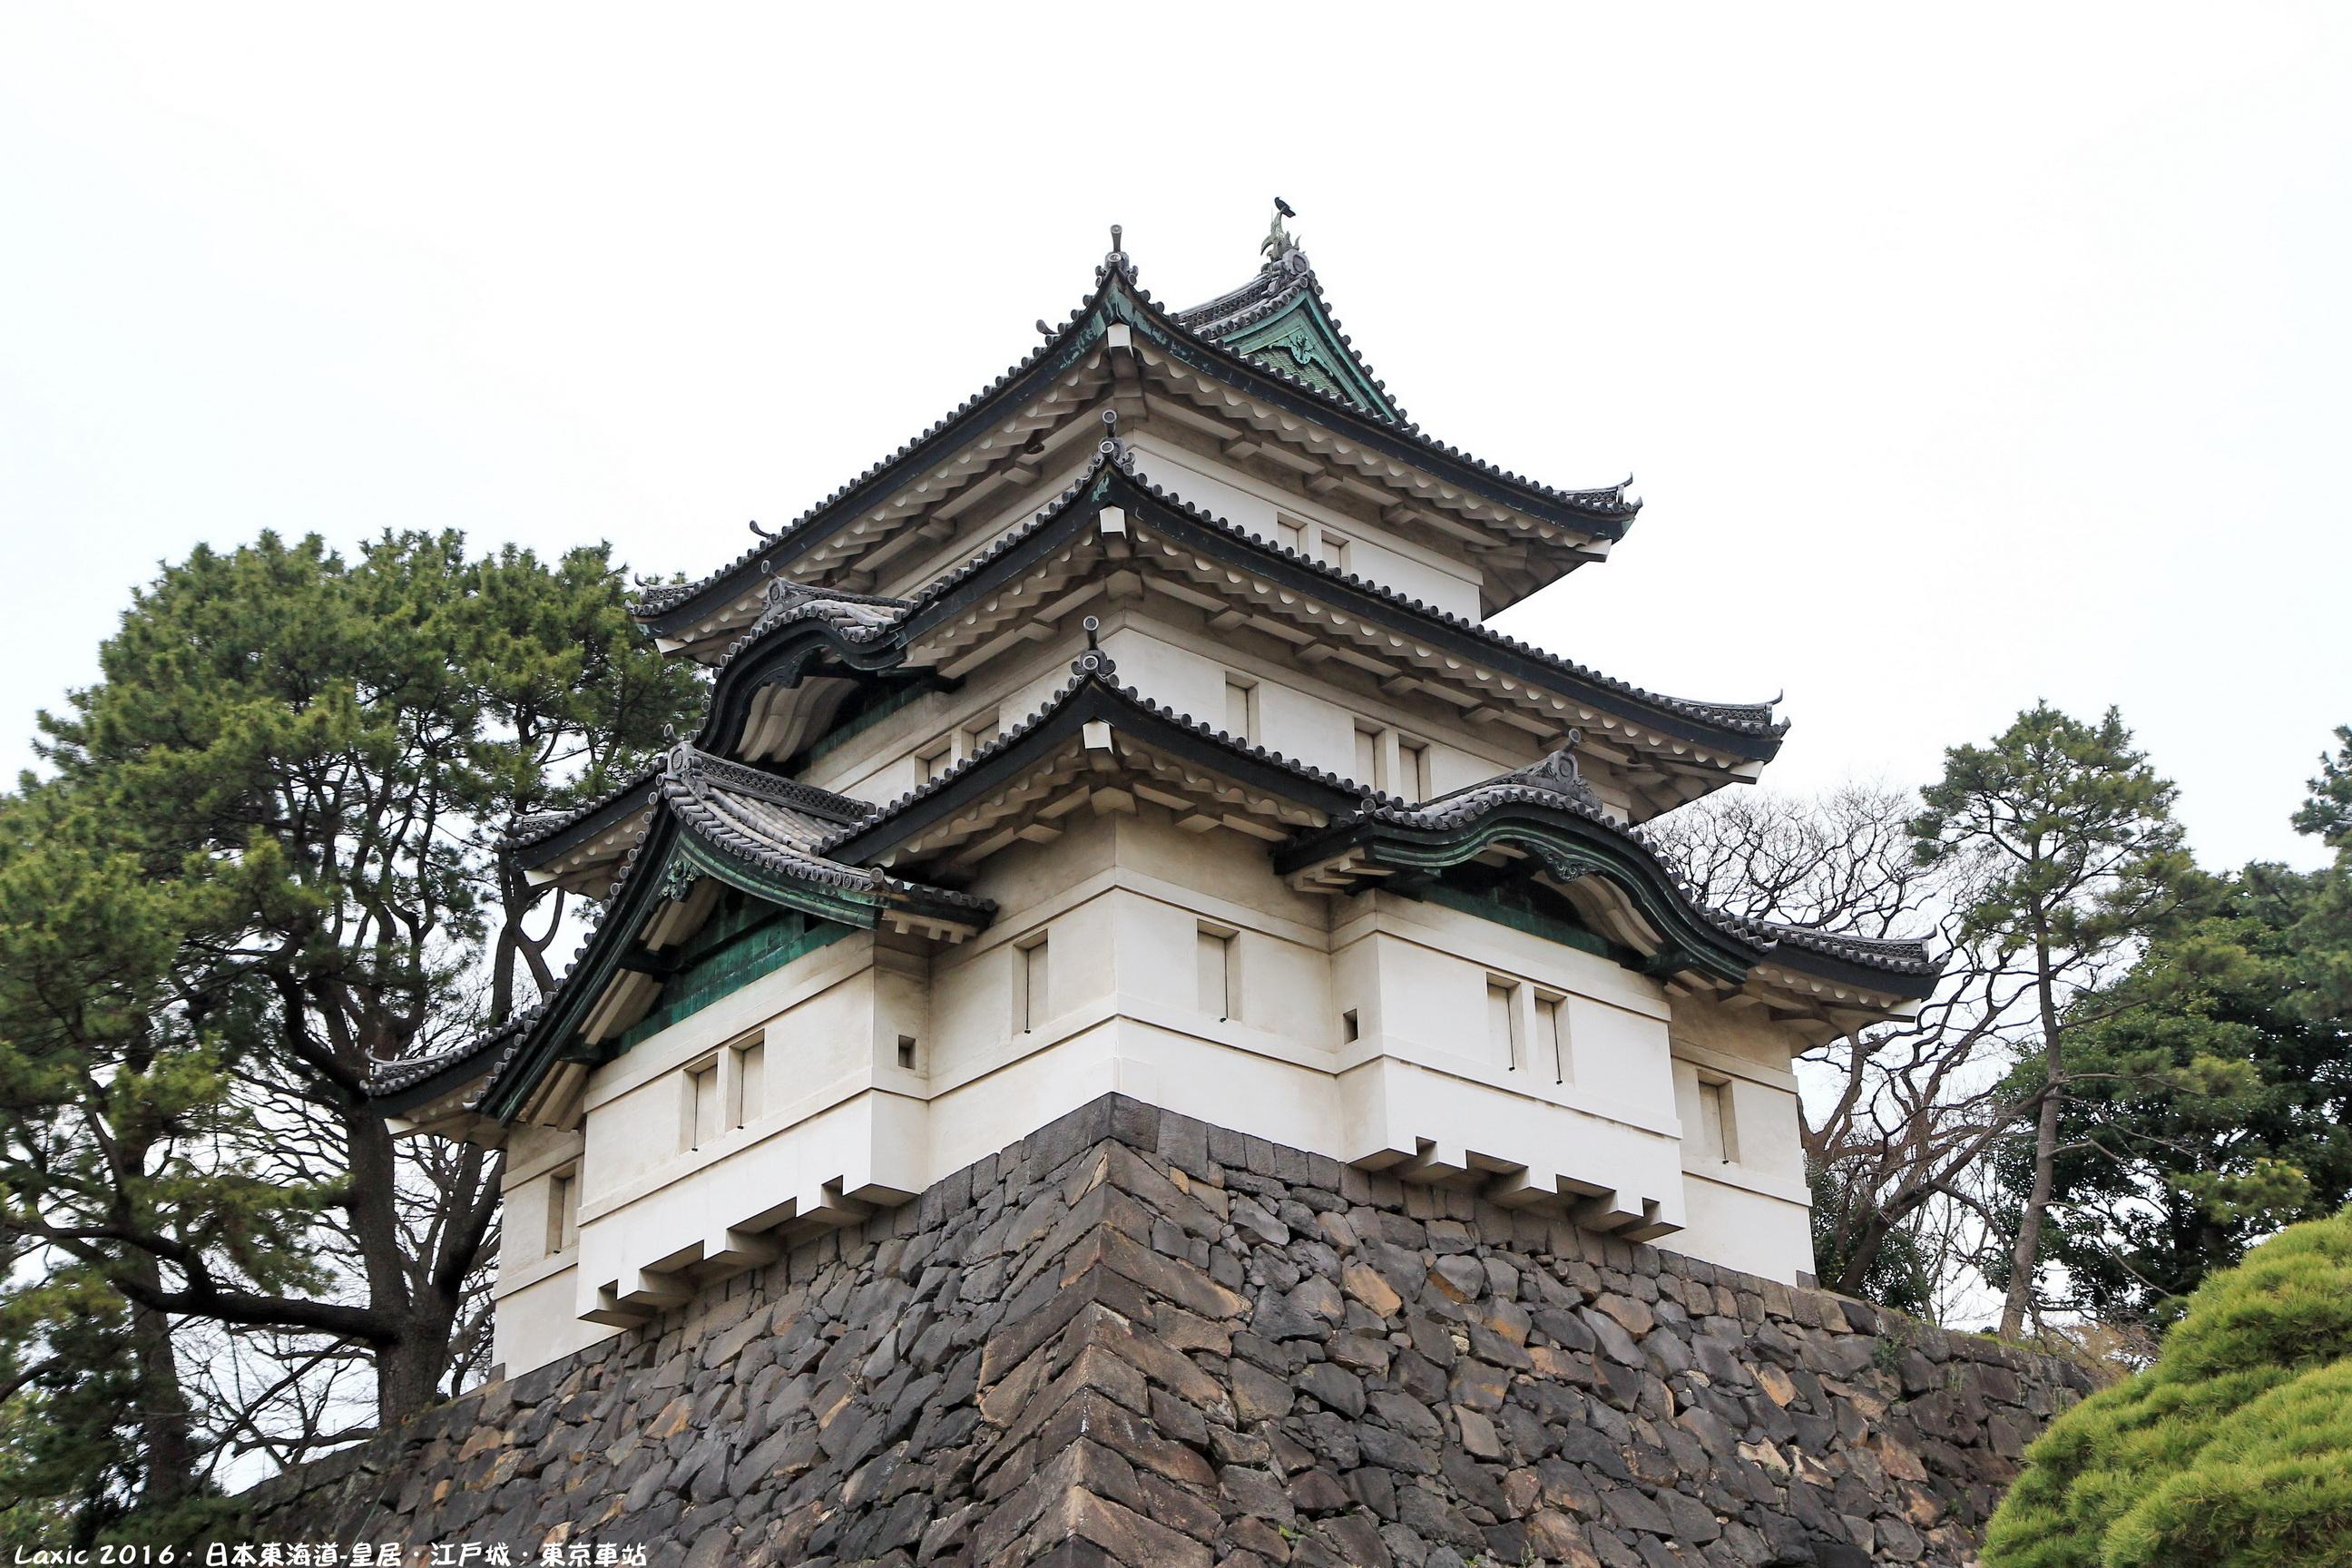 松平康員 - JapaneseClass.jp